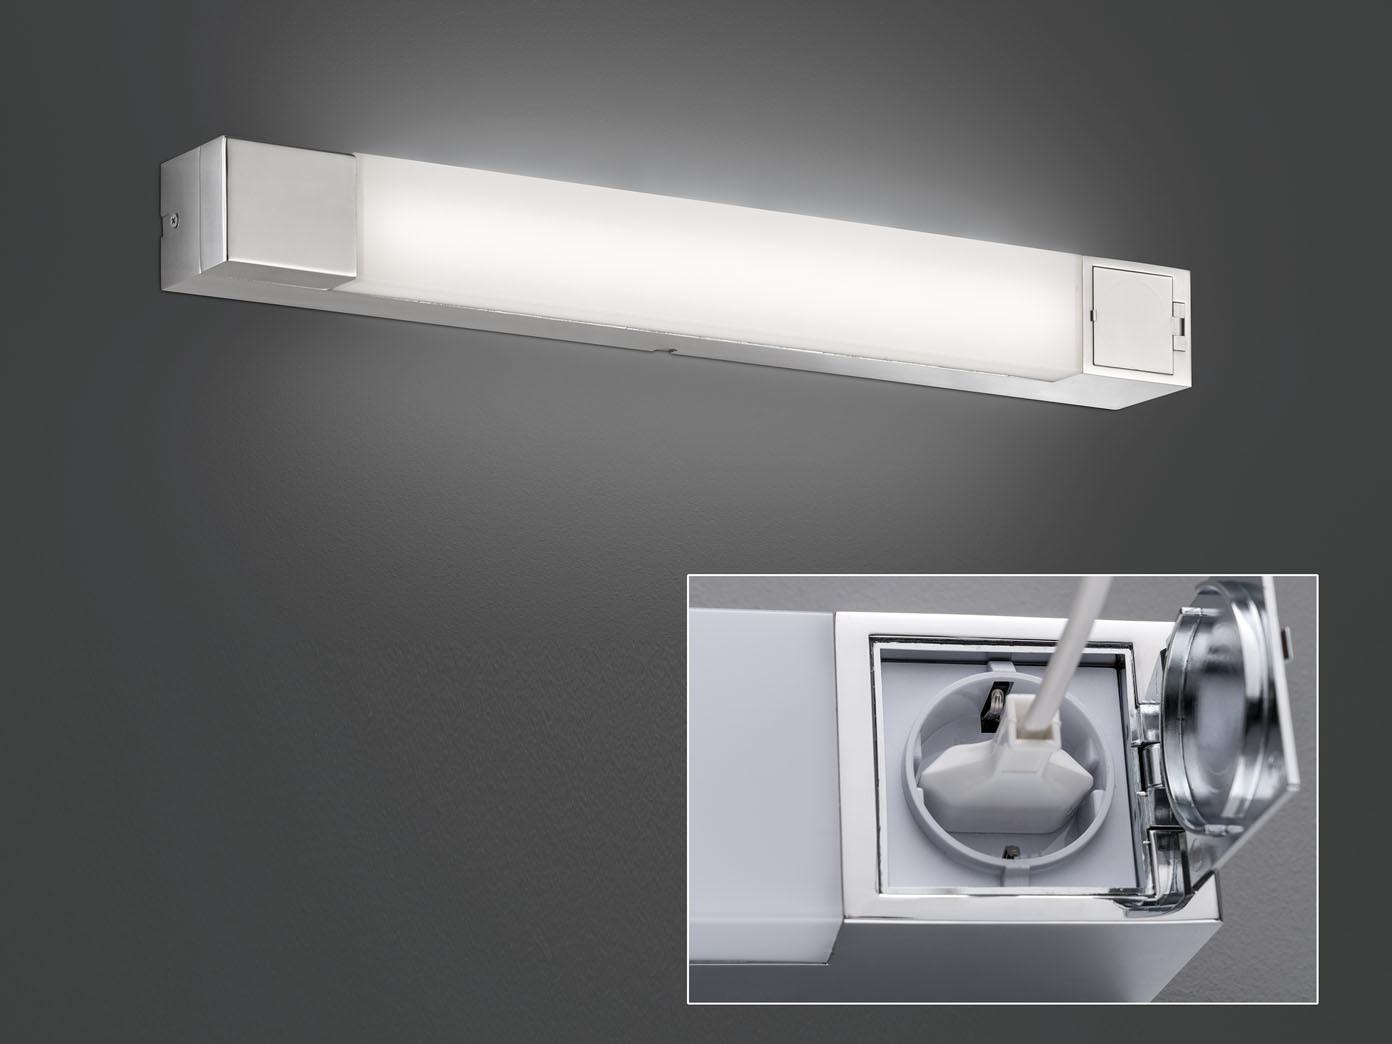 Badezimmerlampen Mit Steckdose